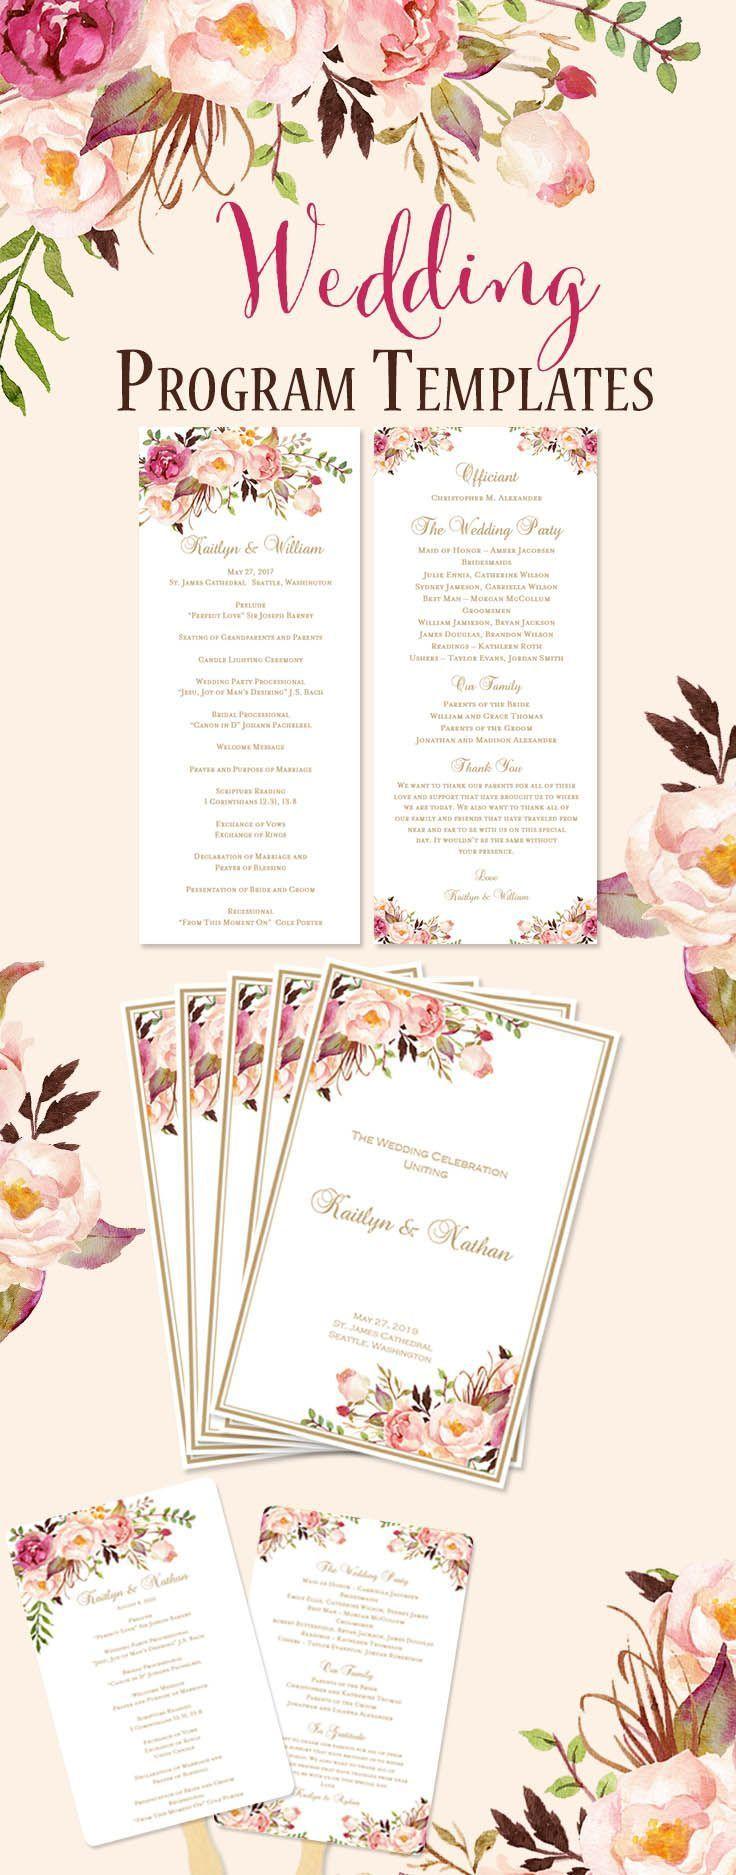 Diy printable program templates in beautiful watercolors wedding